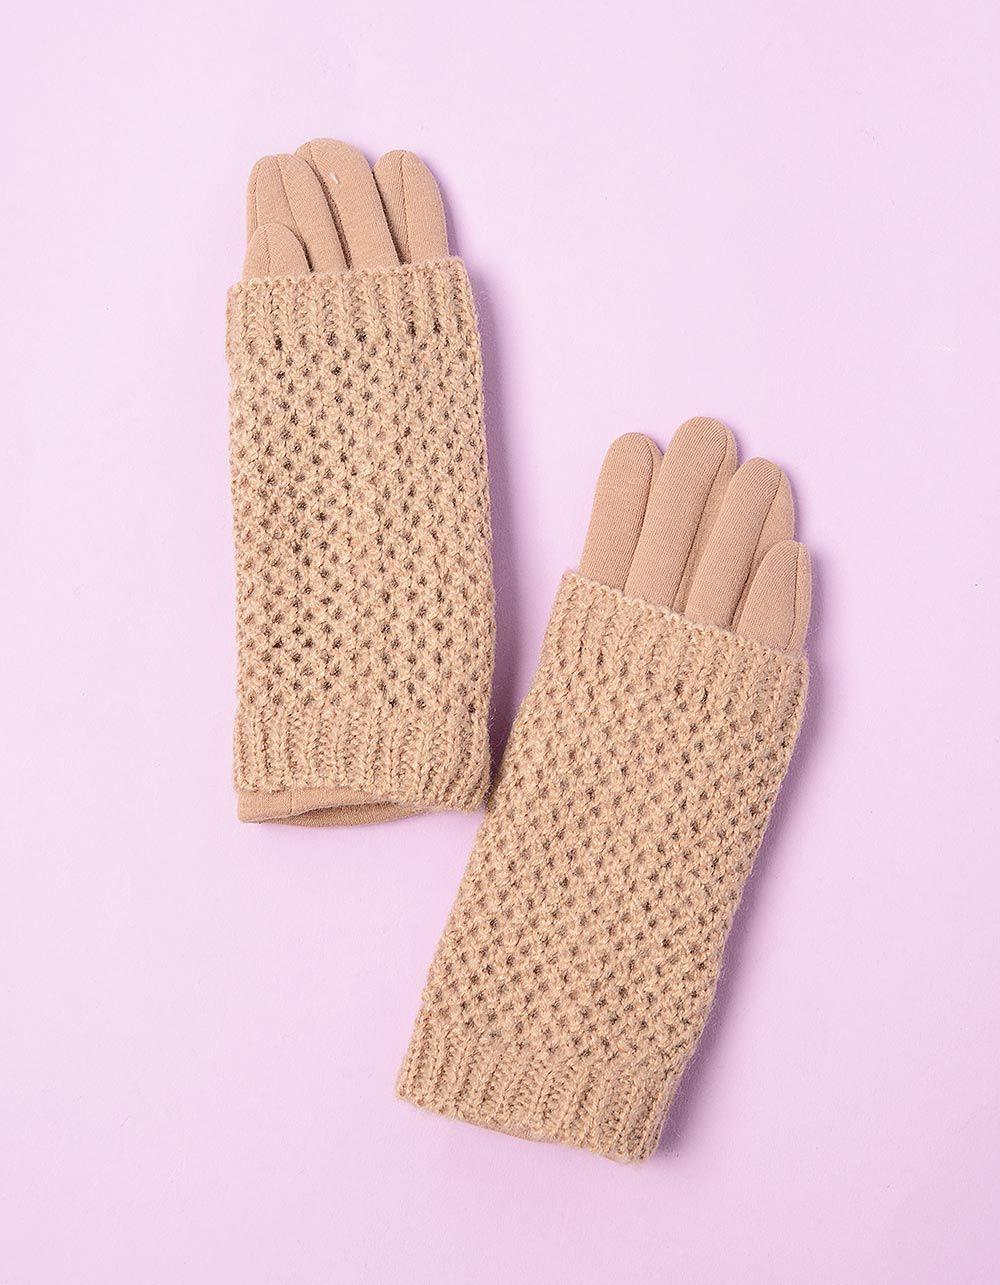 Перчатки крупная вязка с плюшевой подкладкой   213135-39-07